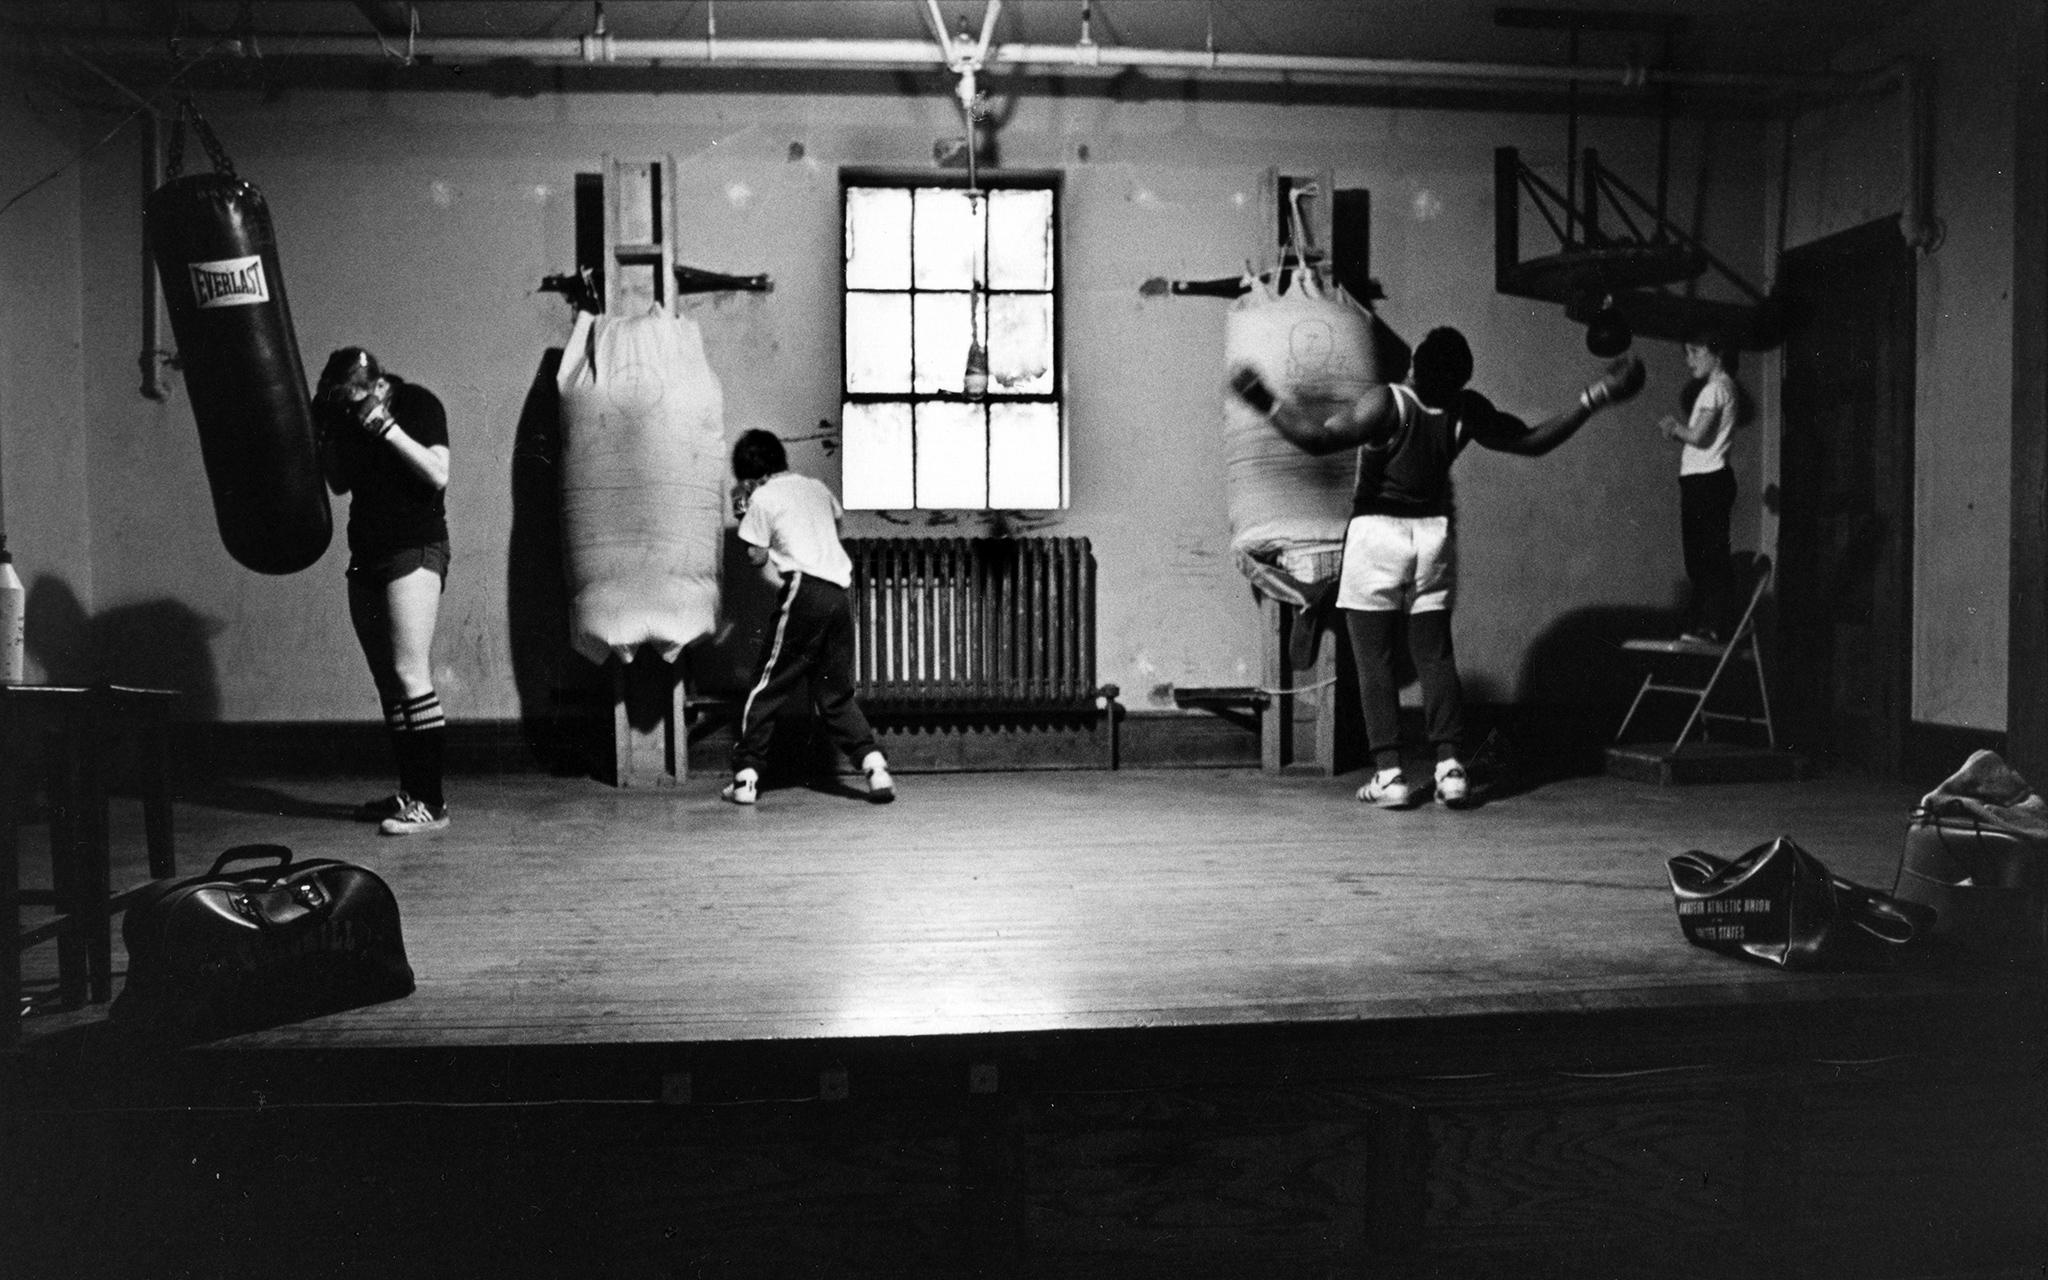 Cus D' Amato's Gym, Catskill, N.Y.